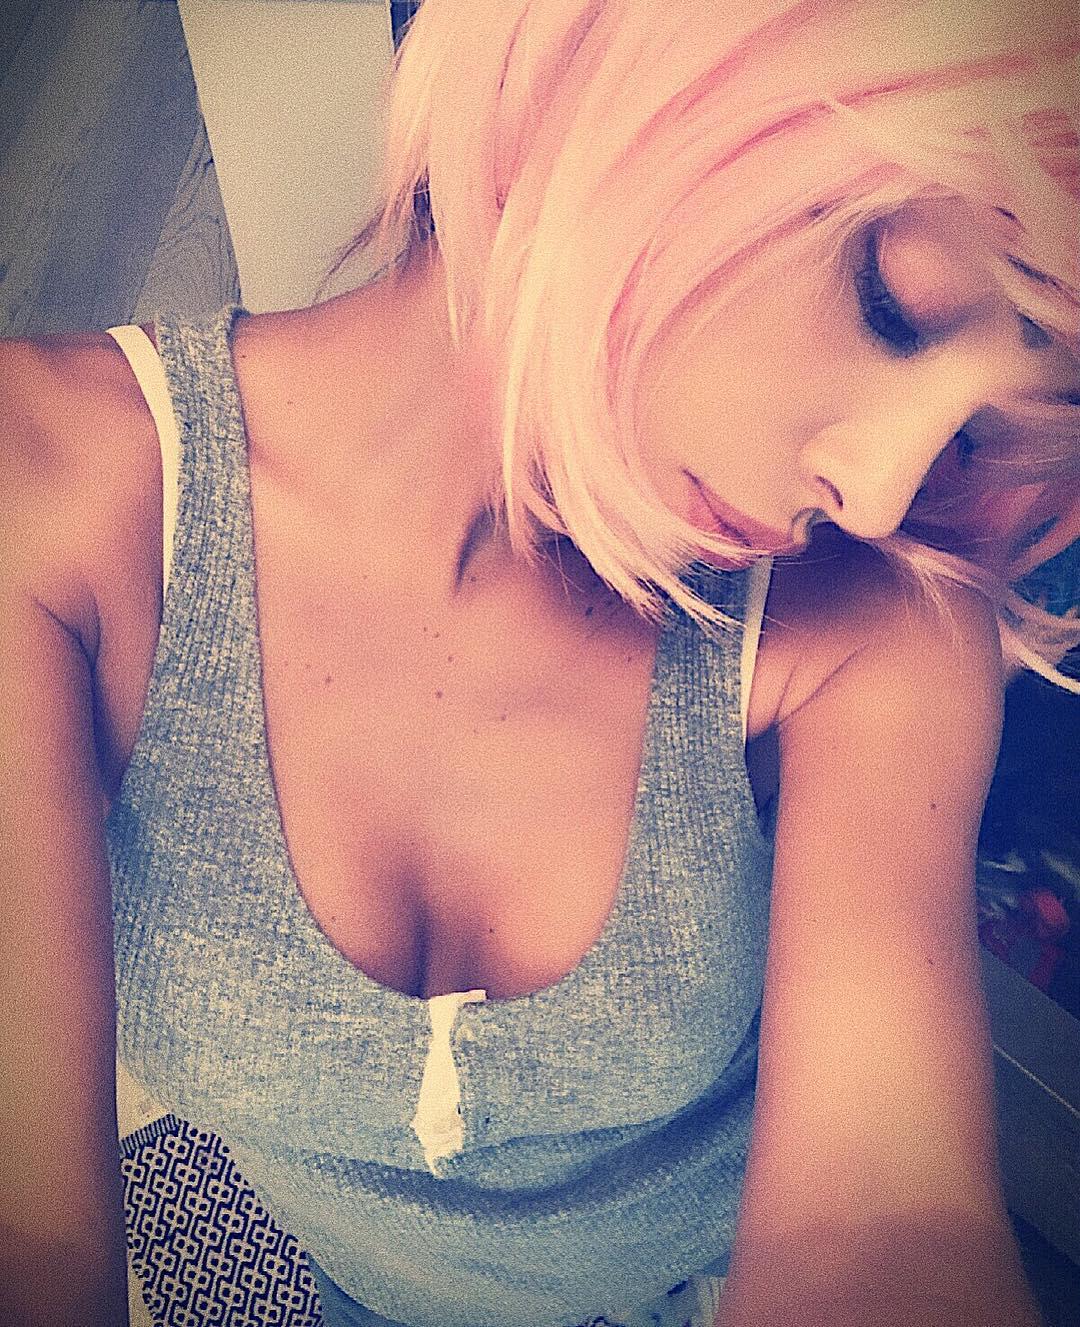 """Belen Rodriguez sceglie il rosa. La bella showgirl argentina ha pubblicato una foto su Instagram in cui si mostra con una parrucca, correlando come didascalia, in tono scherzoso, """"Oggi esco così"""". NOVARA – PALERMO, LE PROBABILI FORMAZIONI Il rosa sta bene con tutto e Belen sembra ancora più bella con la chioma del colore della maglia del Palermo. La modella si è ispirata ad una famosa serie animata degli anni ottanta,""""Jem""""; ma non è l'unica ad essere stata conquistata dal rosa. NOVARA – PALERMO: I CONVOCATI DI TEDINO Di recente, Federer ha giocato agli Australian Open con una maglia impreziosita"""